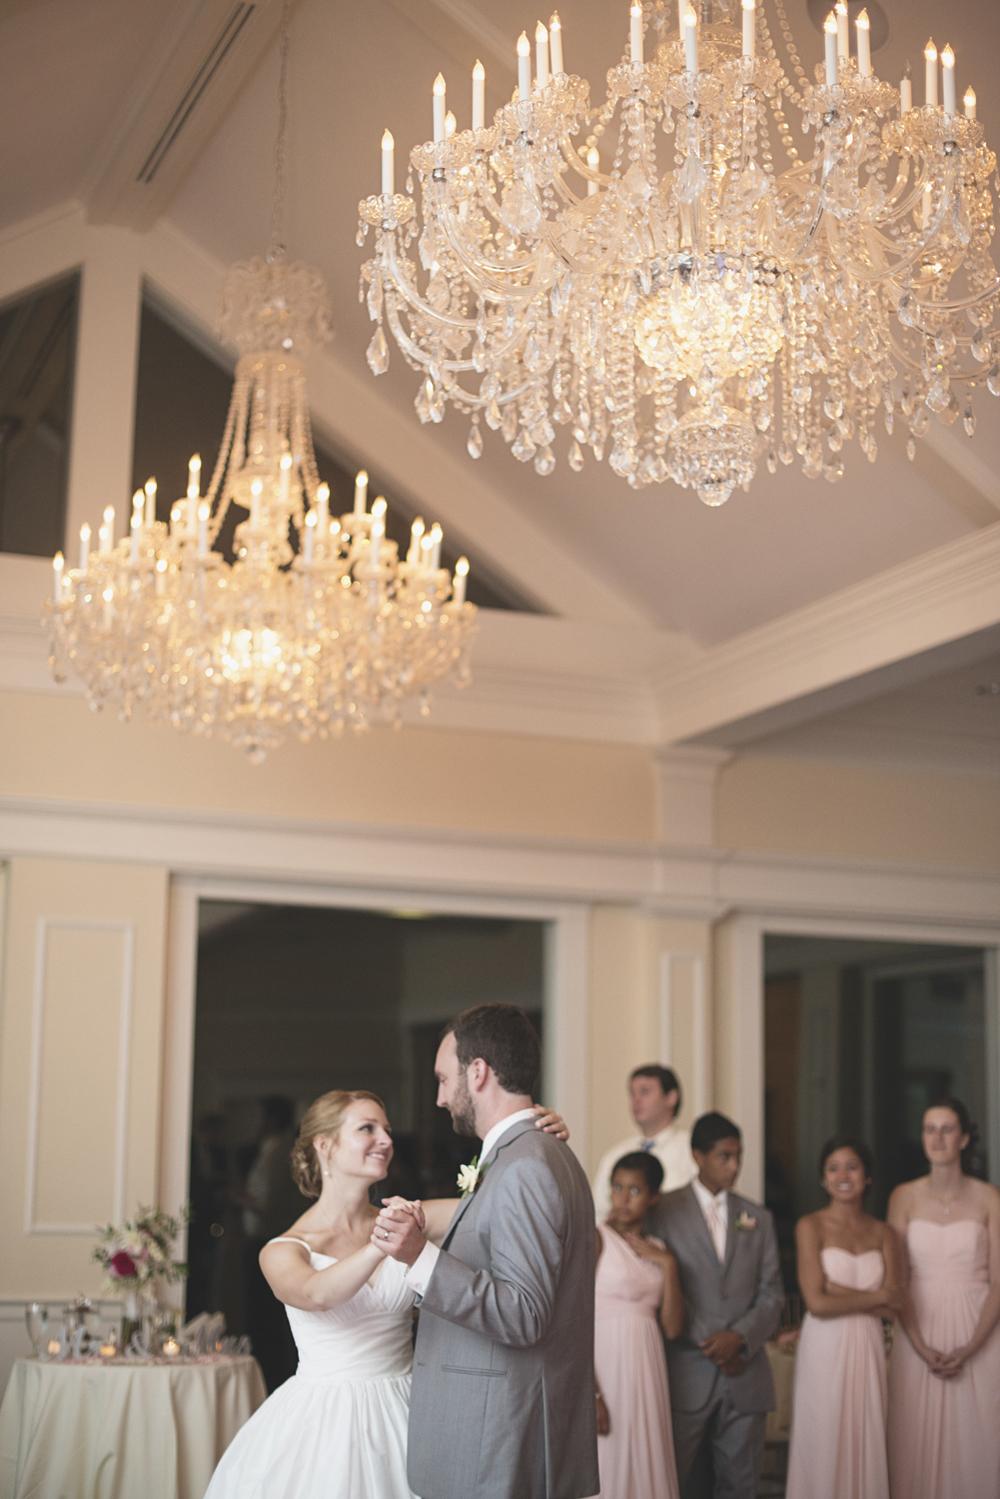 Trump National Golf Club Wedding | Washington, DC Wedding | Wedding reception | Bride & groom share a moment